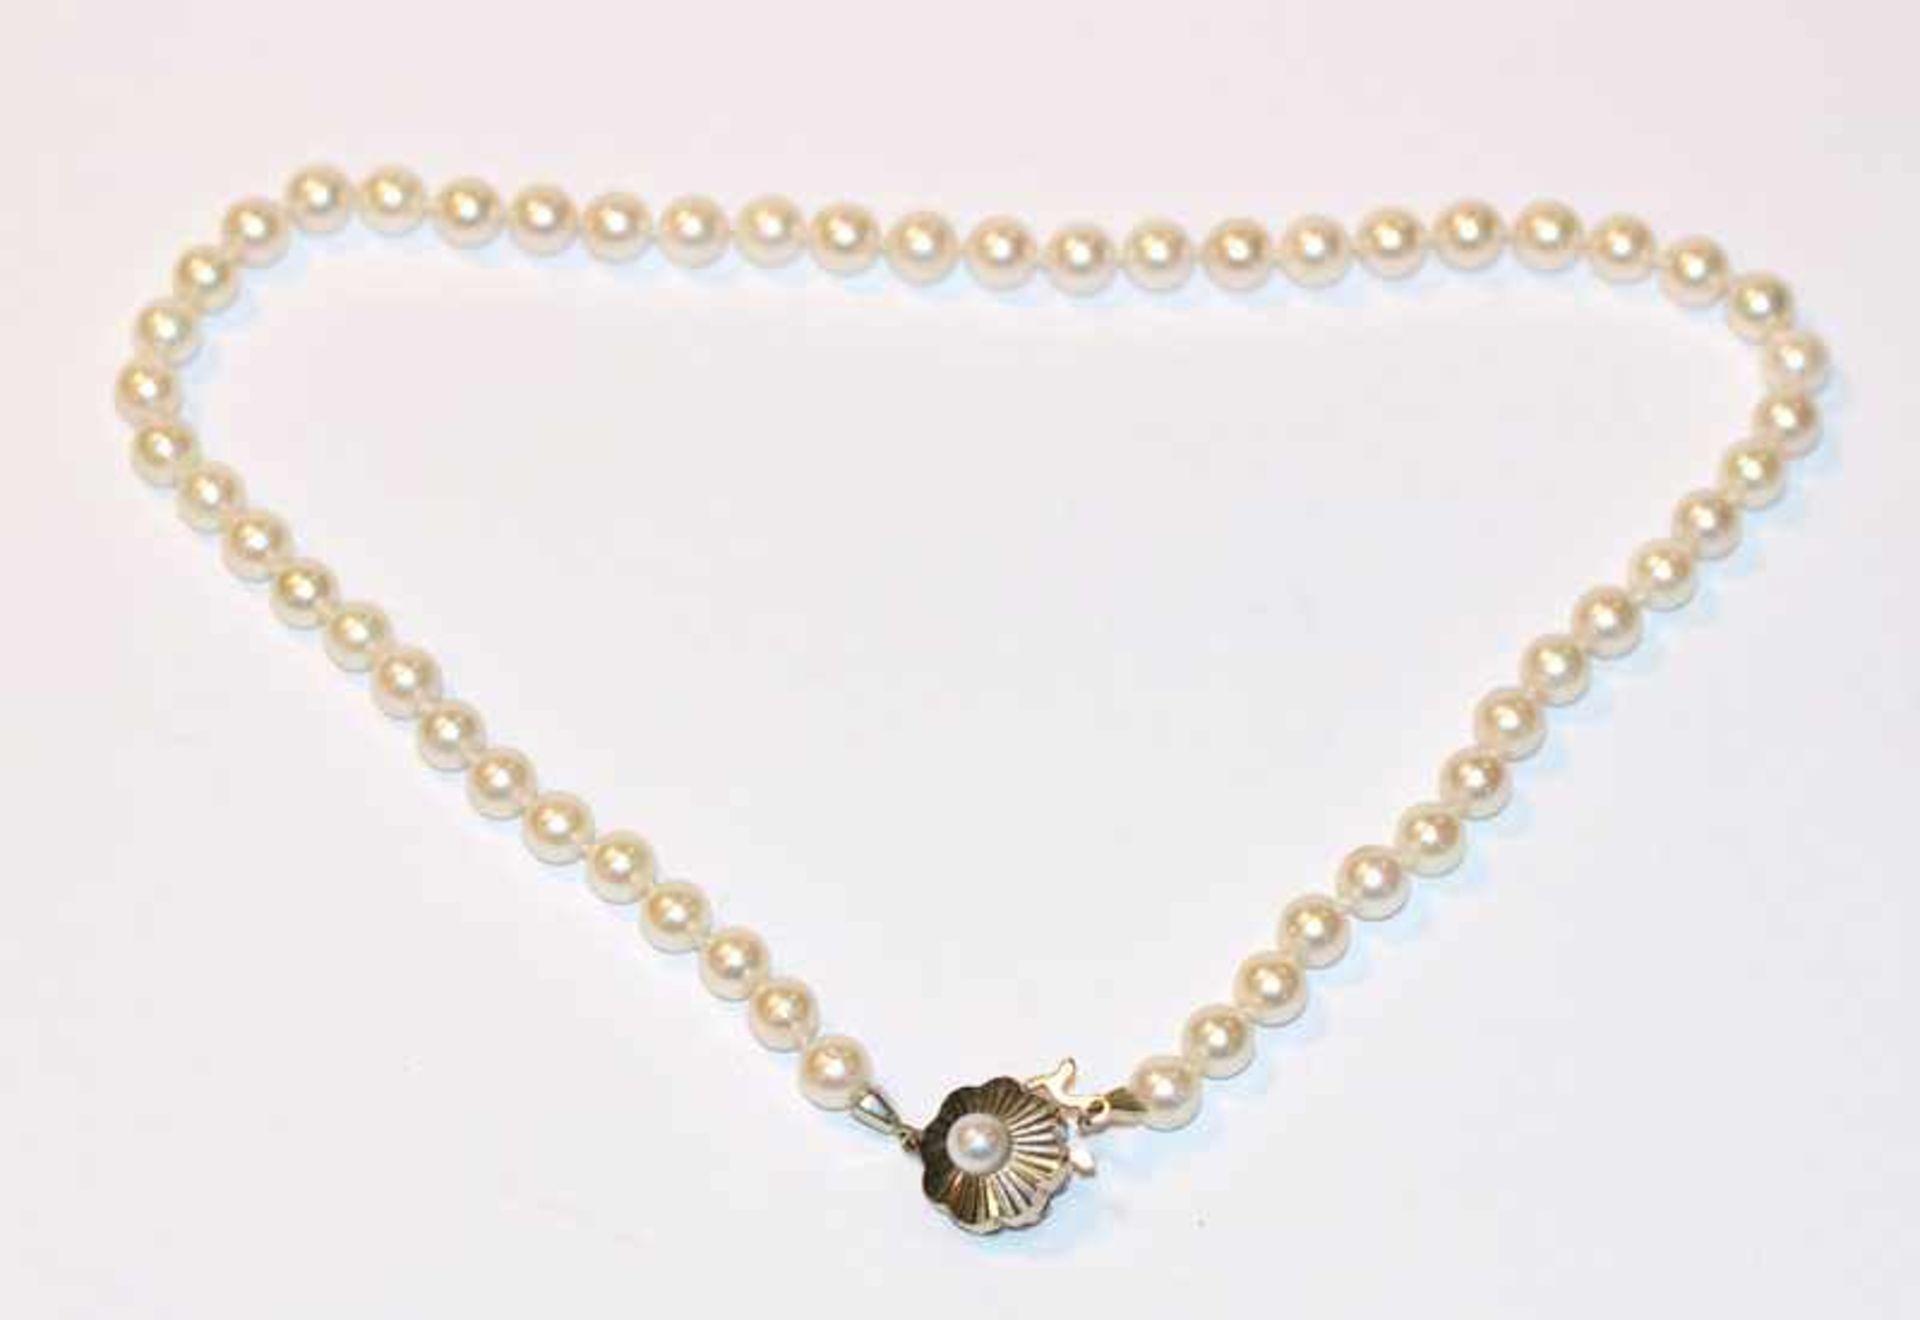 Los 46 - Perlenkette mit 14 k Weißgold Schließe, L 38 cm